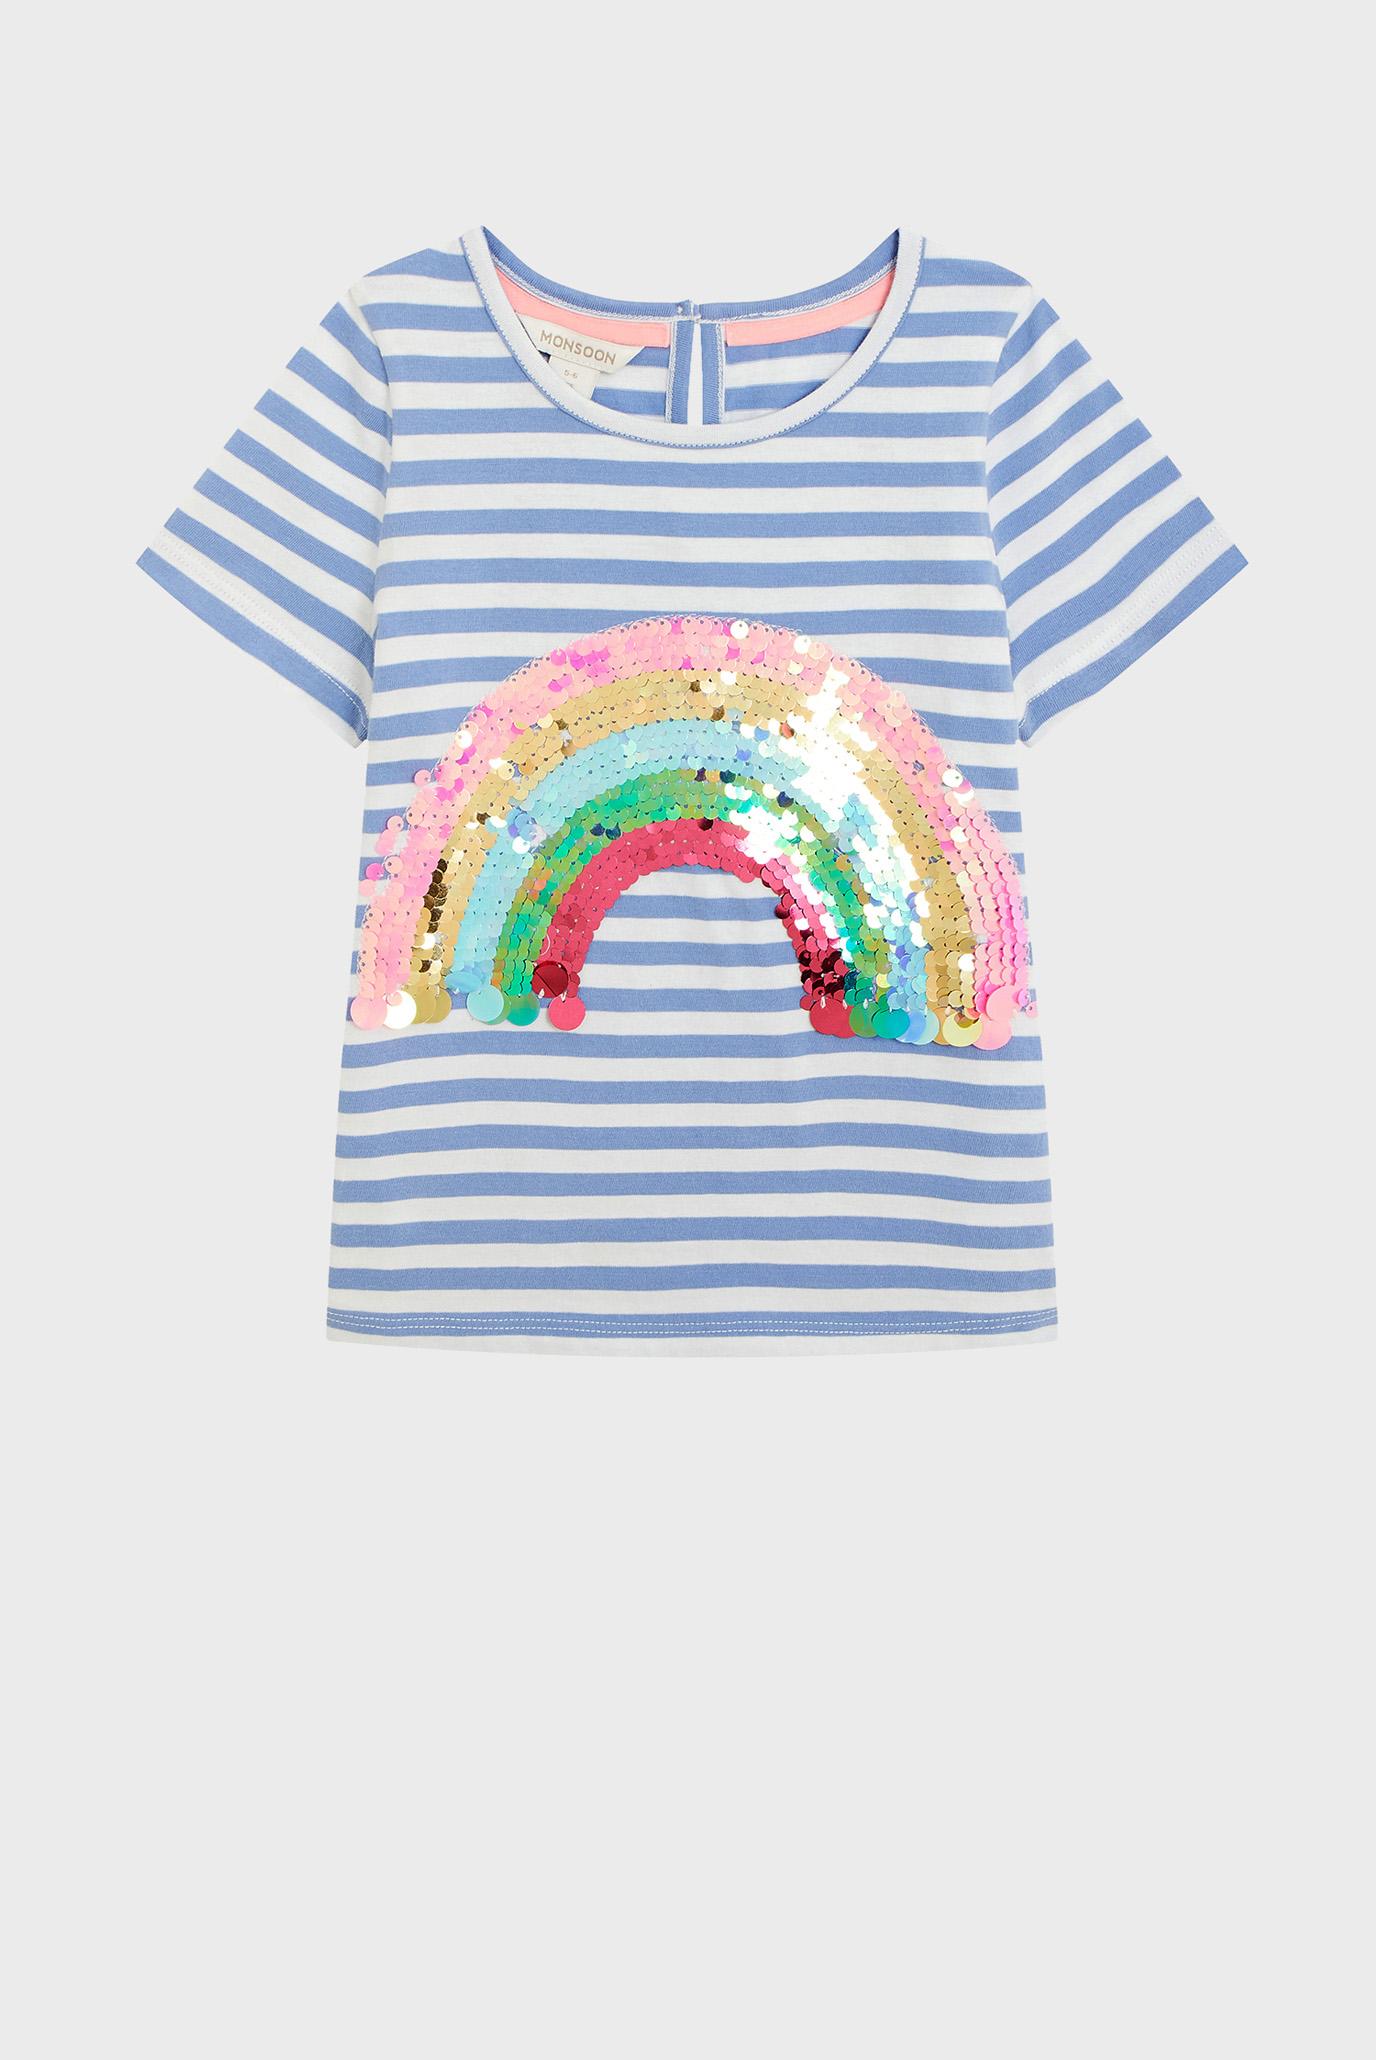 Детская футболка в полоску STRIPE SEQUIN RAINBO 1